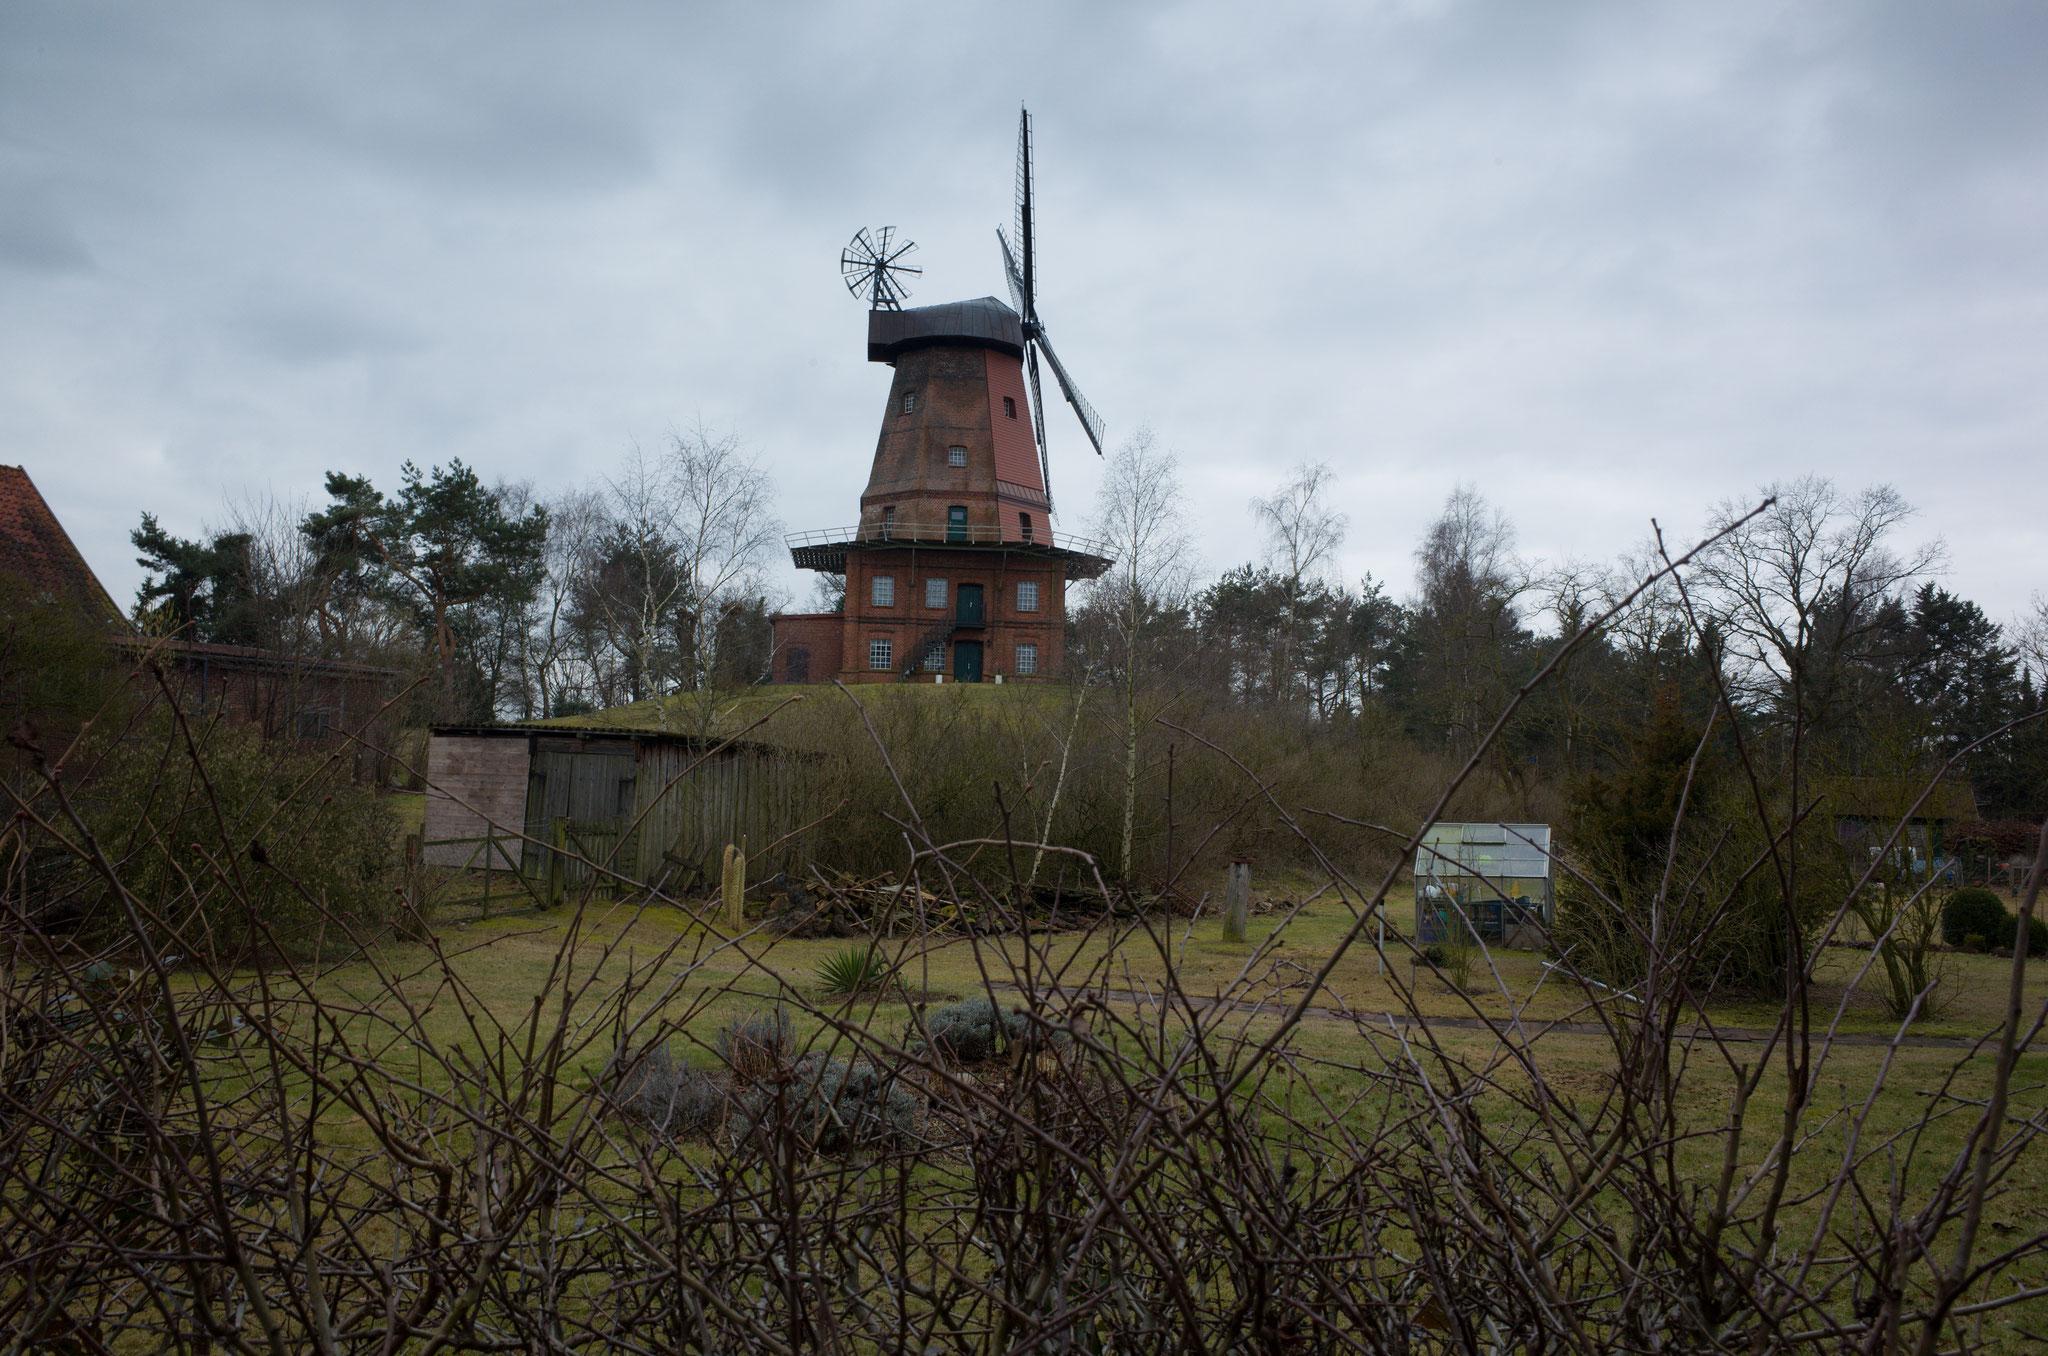 Windmühle Hittbergen (Niedersachsen) am 25.02.2017